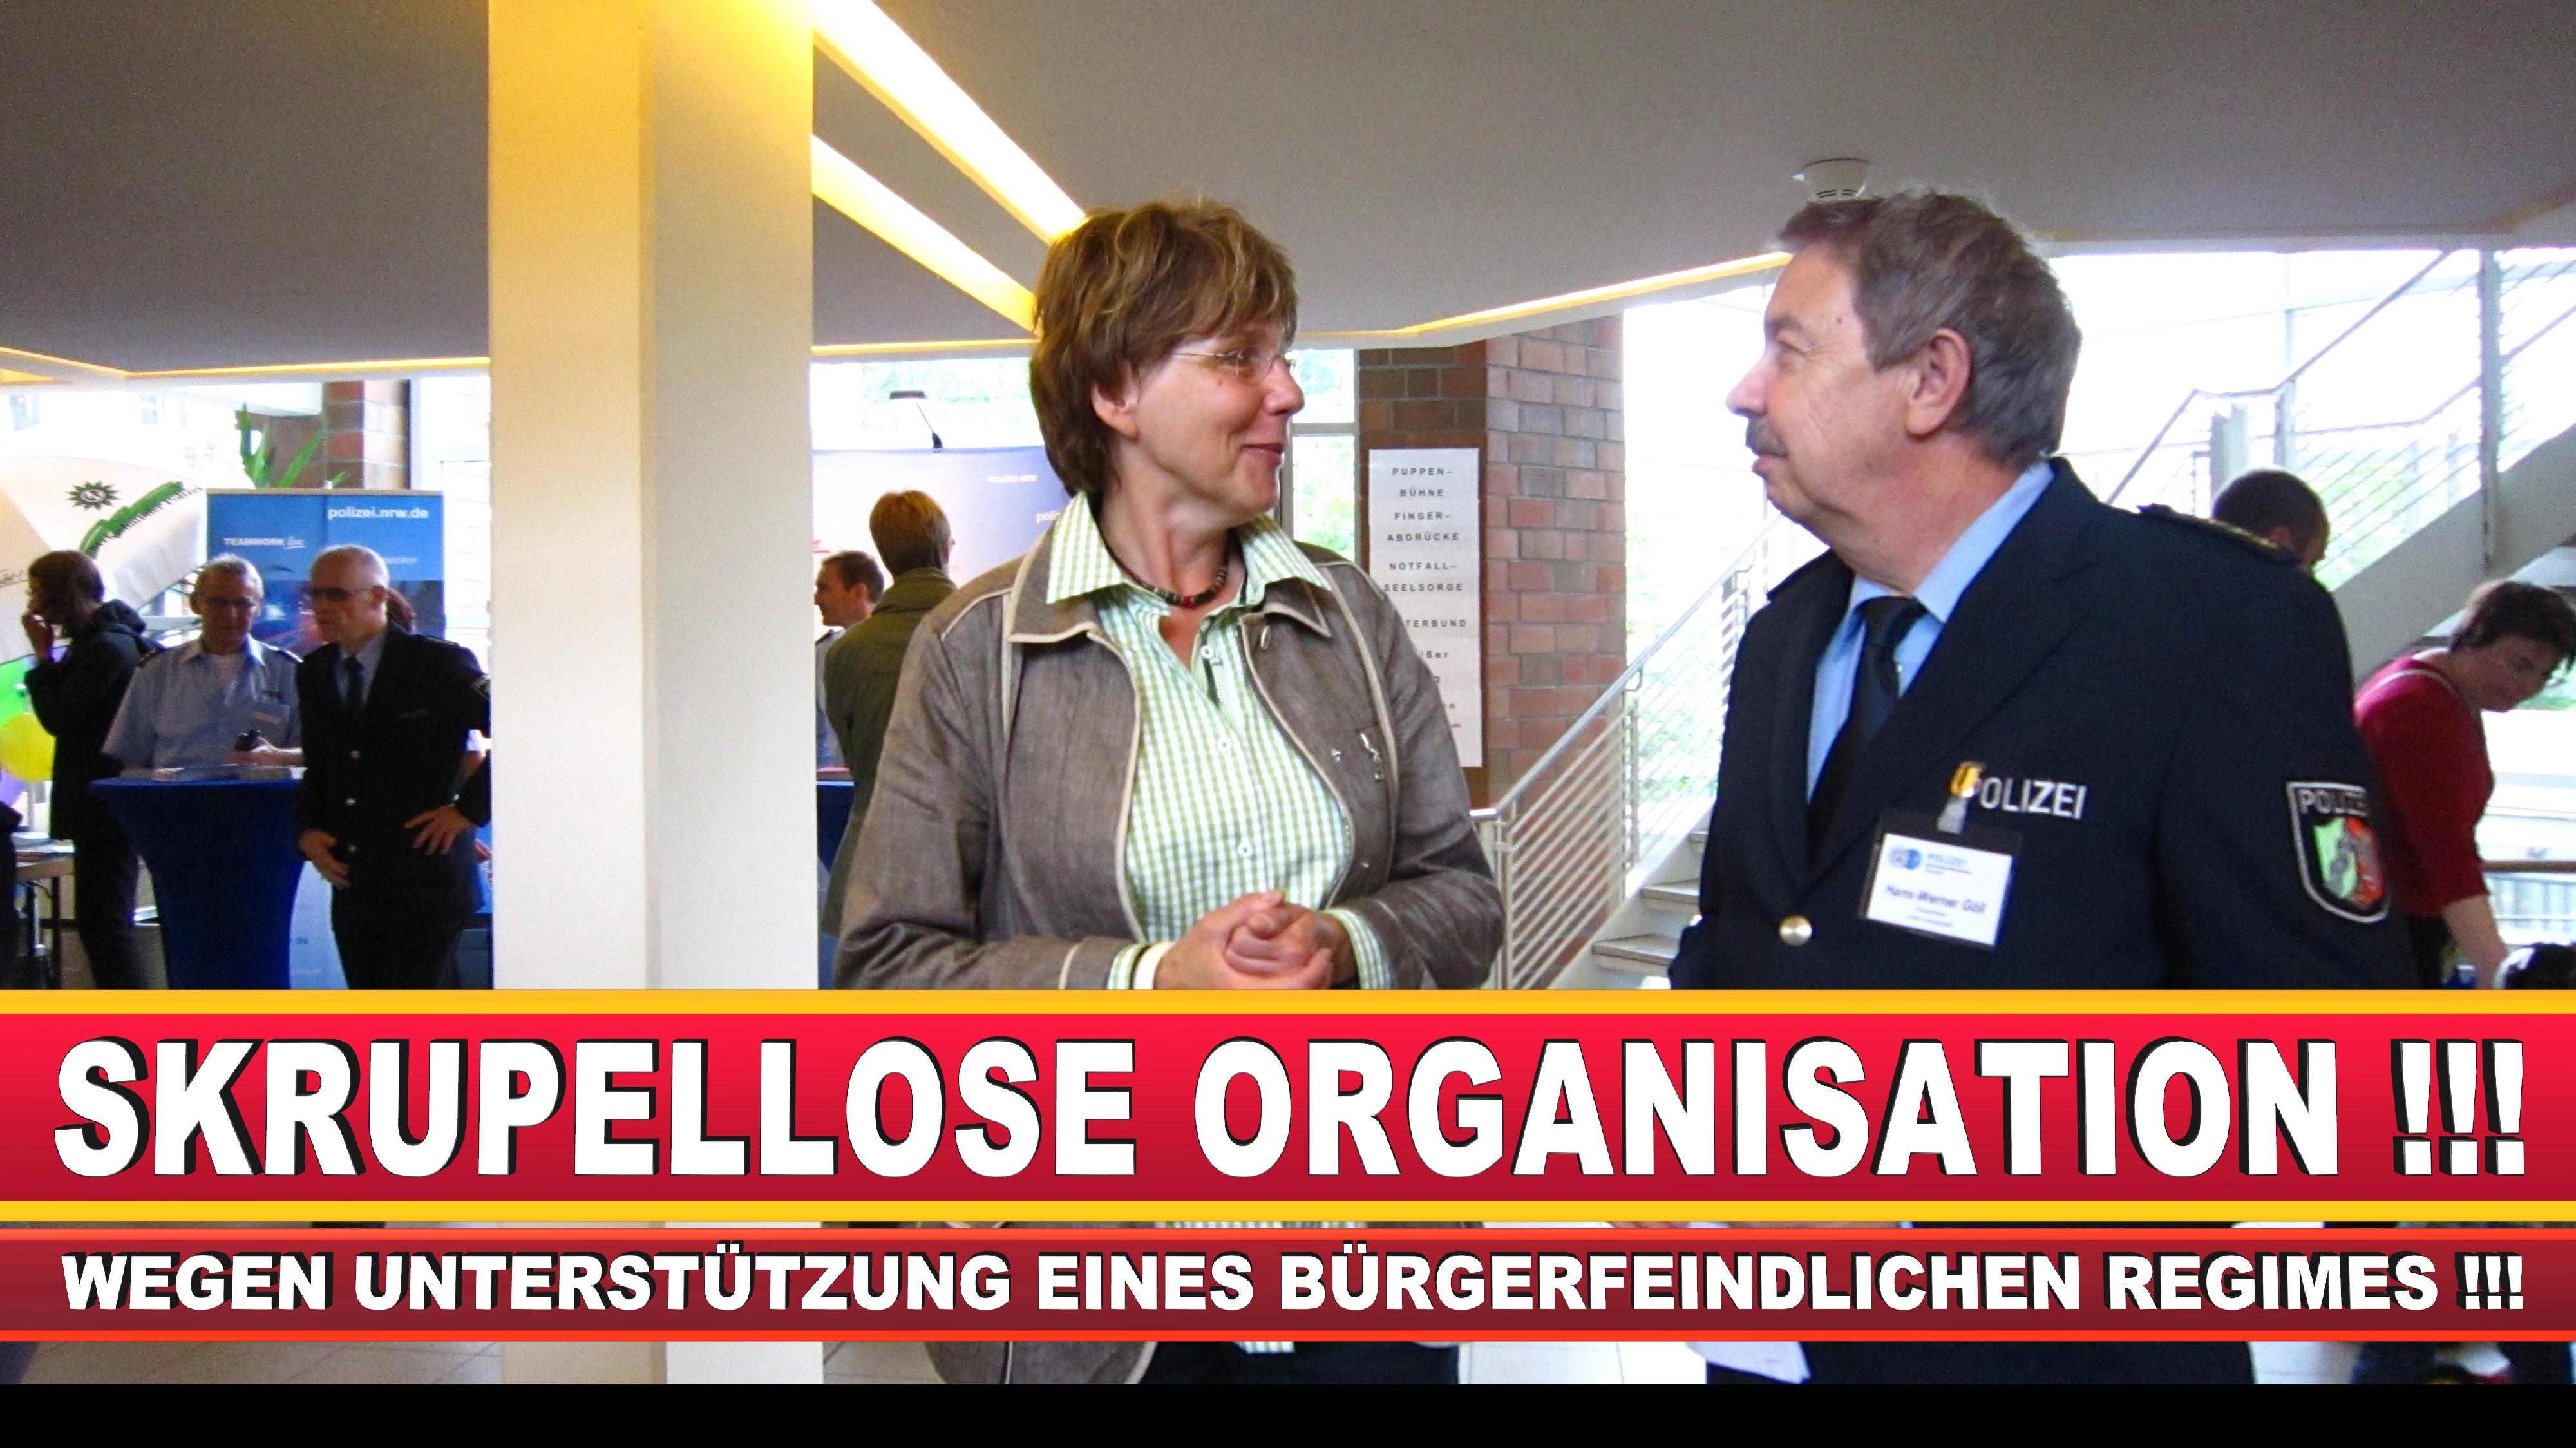 Polizeipräsidentin Katharina Giere Polizei Bielefeld NRW Erwin Südfeld Horst Kruse Polizeiuniform Polizeigewalt DEMONSTRATION Bahnhof (17)